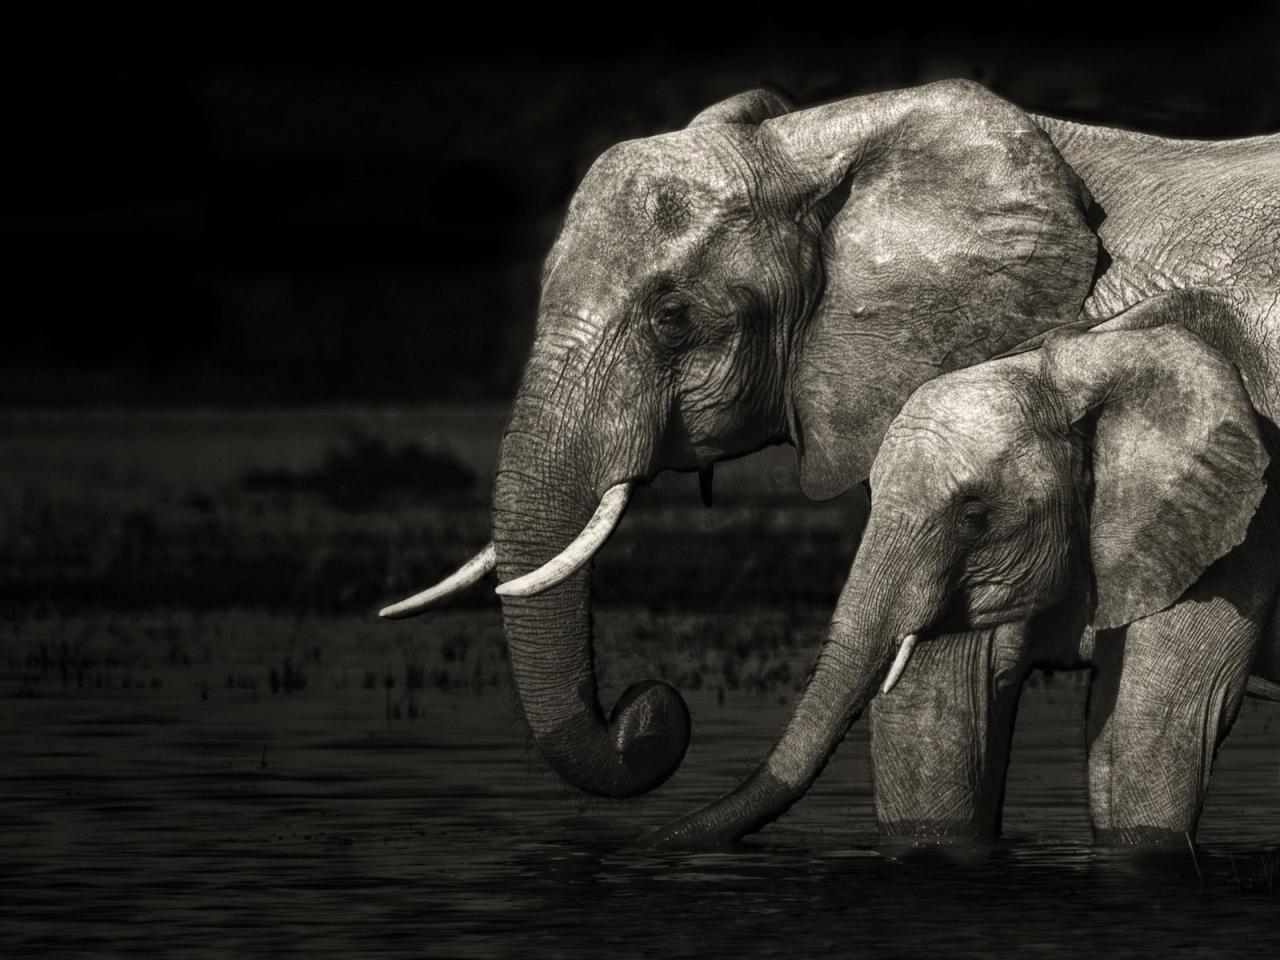 Fond d'écran éléphant noir et blanc - Fonds d'écran HD